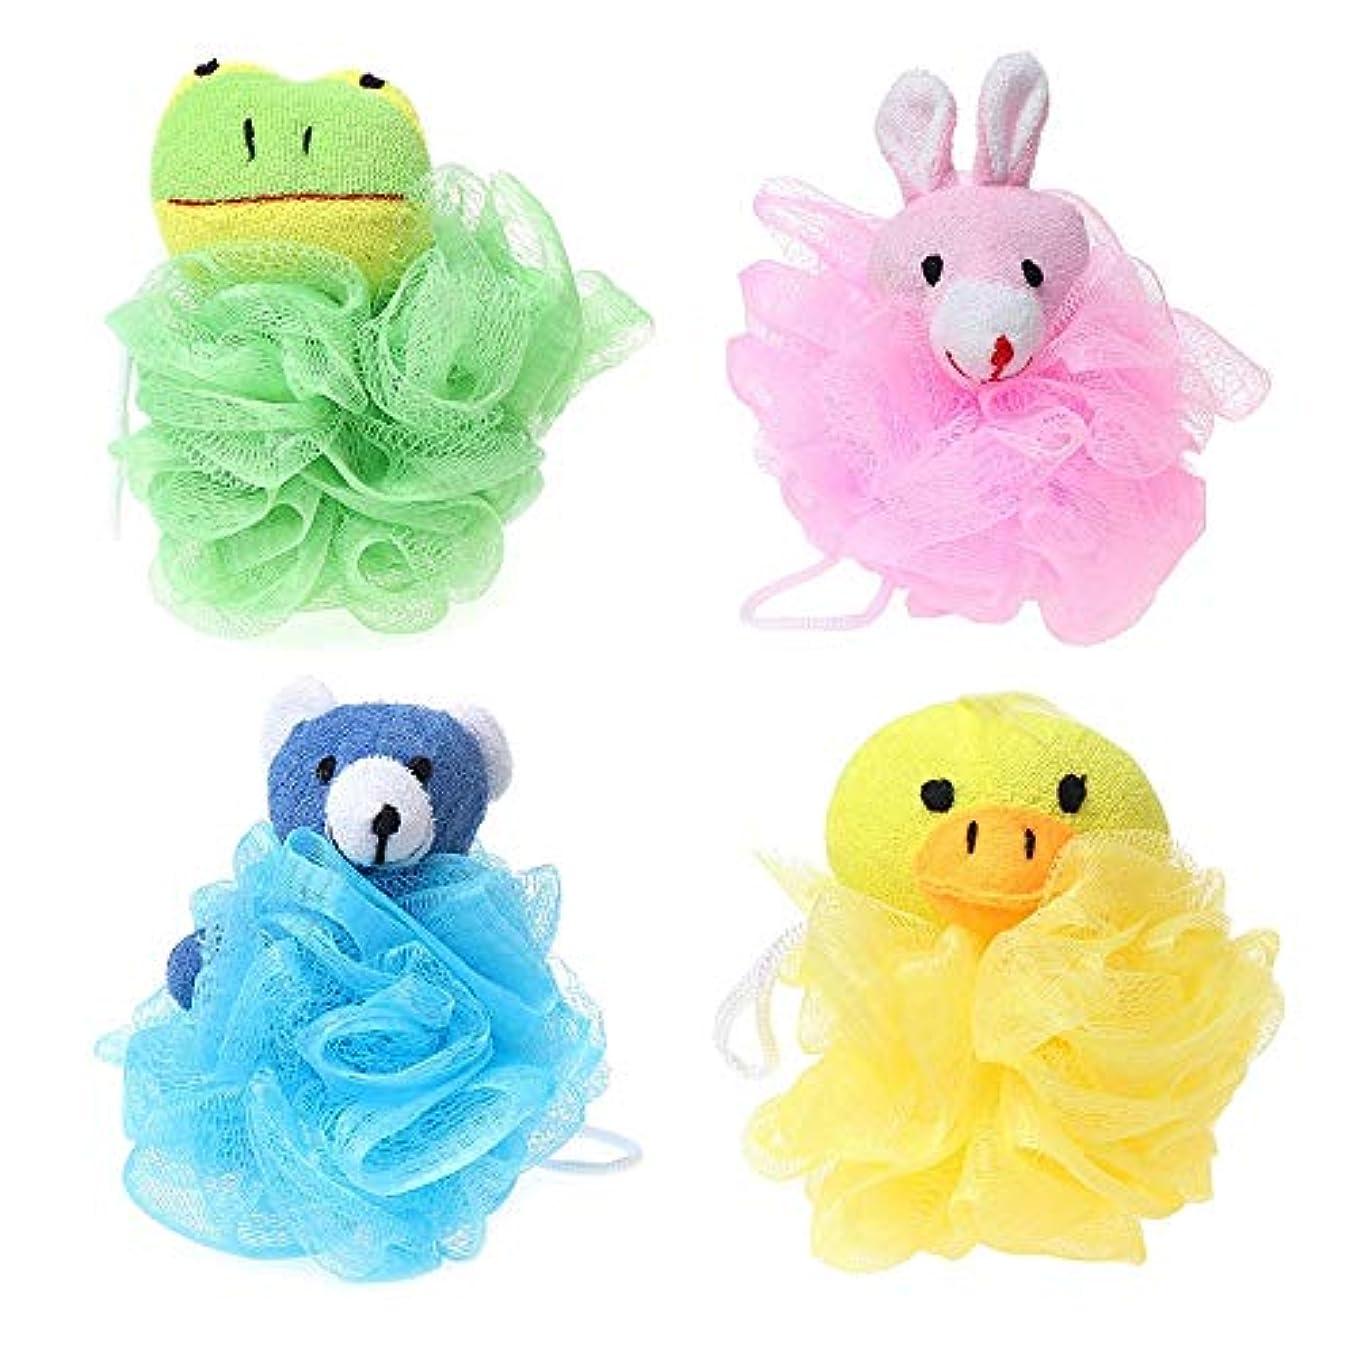 金属ふつう海洋のTOOGOO 子供用おもちゃクッションパフメッシュぬいぐるみ付き(4パック)カエル、アヒル、ウサギ、クマ